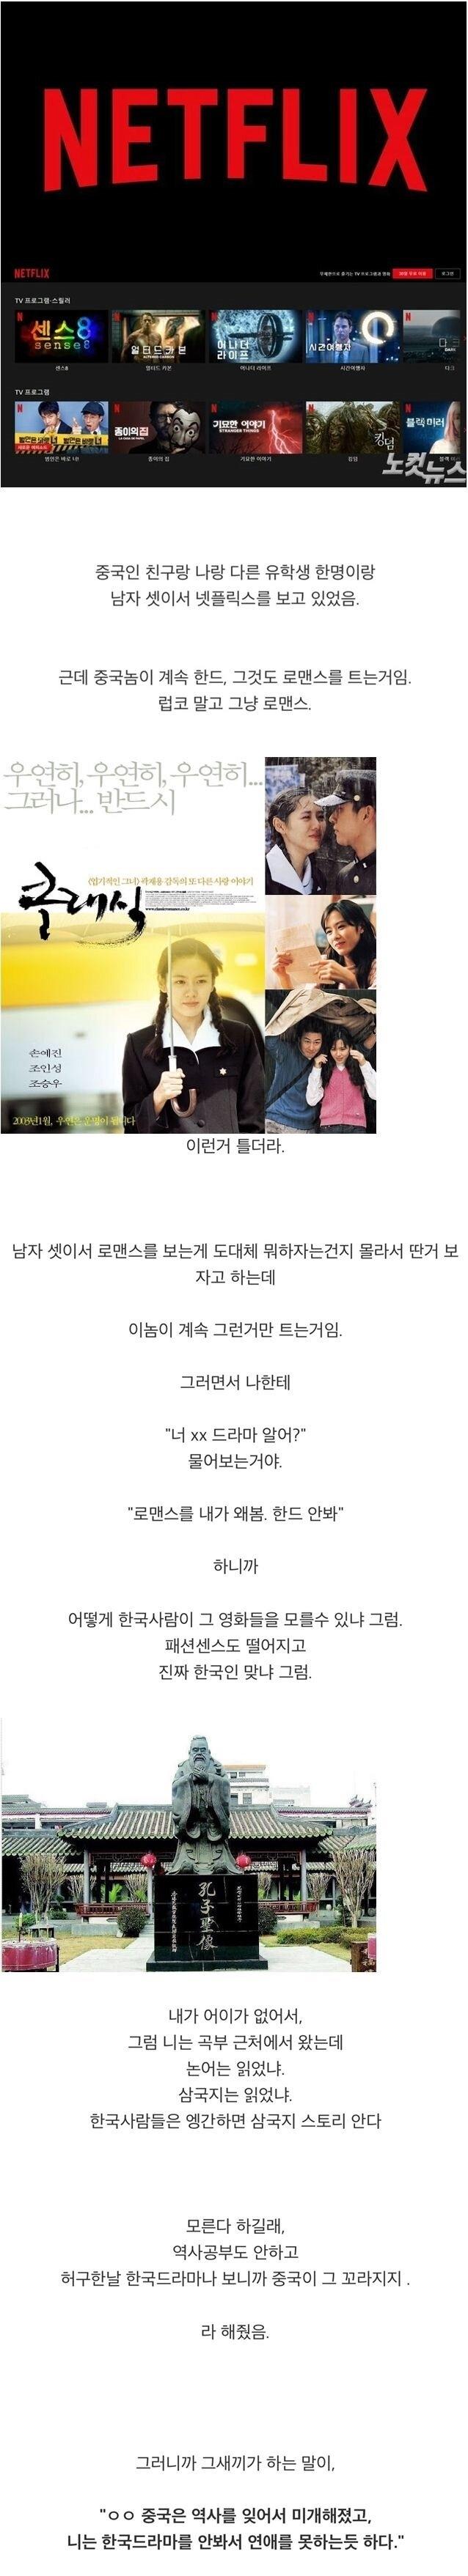 한국드라마만 보는 중국 유학생.jpg